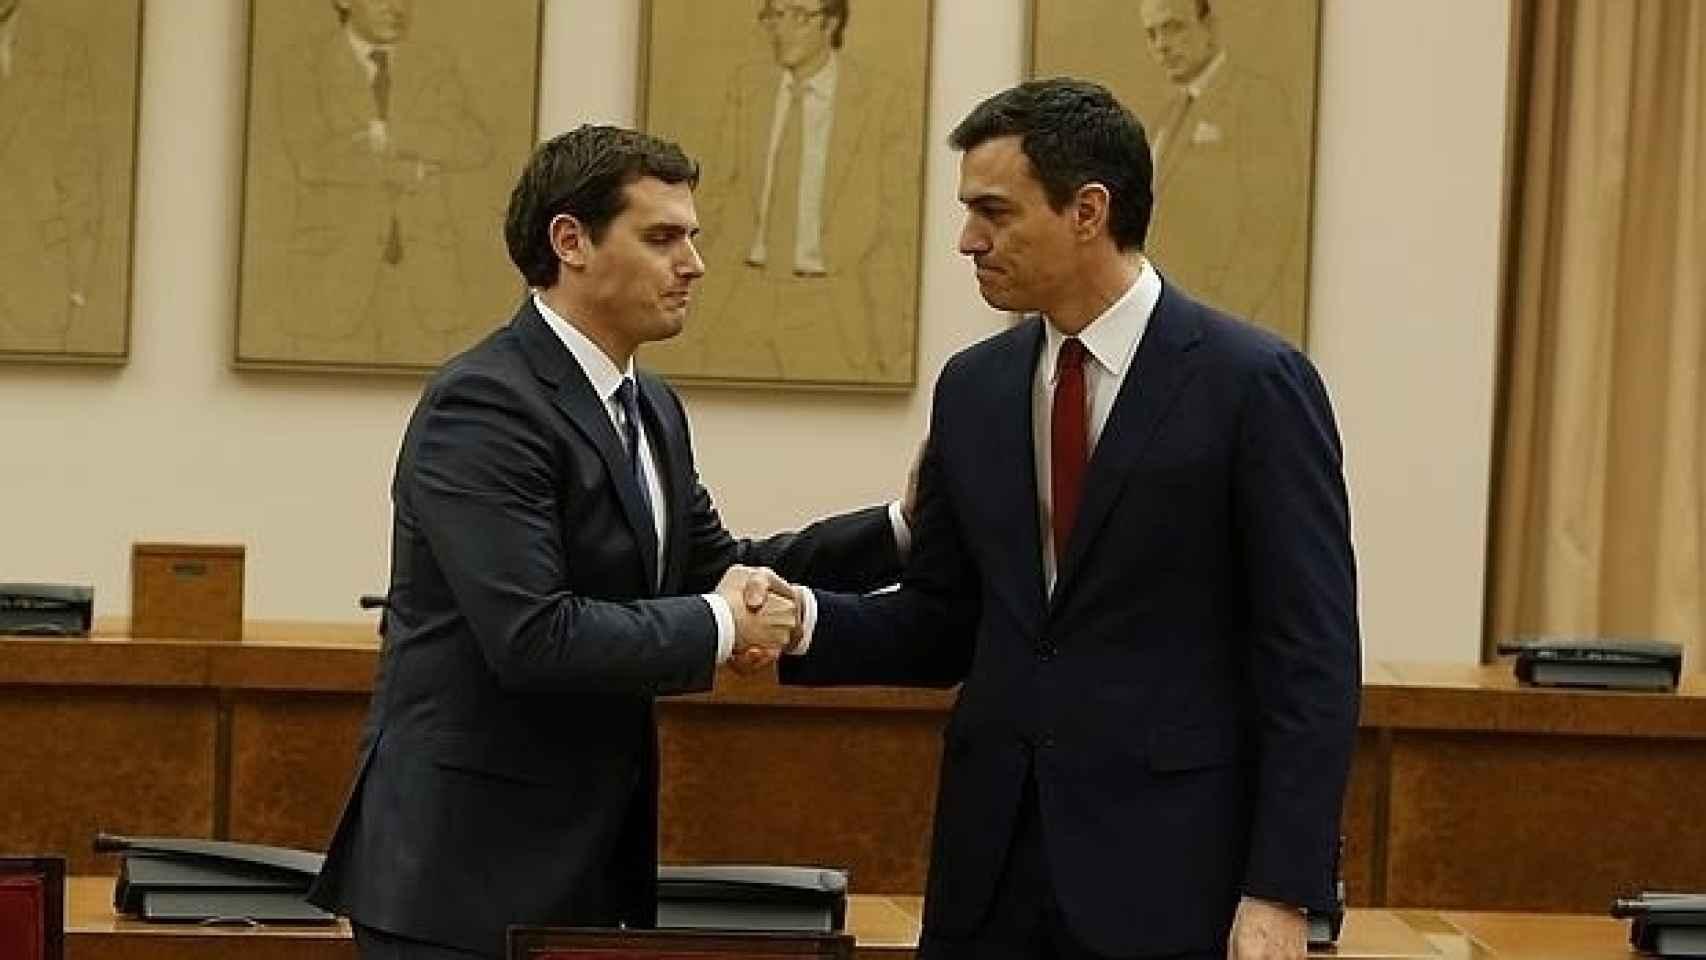 Rivera y Sánchez estaban tan compenetrados que han hecho hasta la misma mueca en el apretón de manos